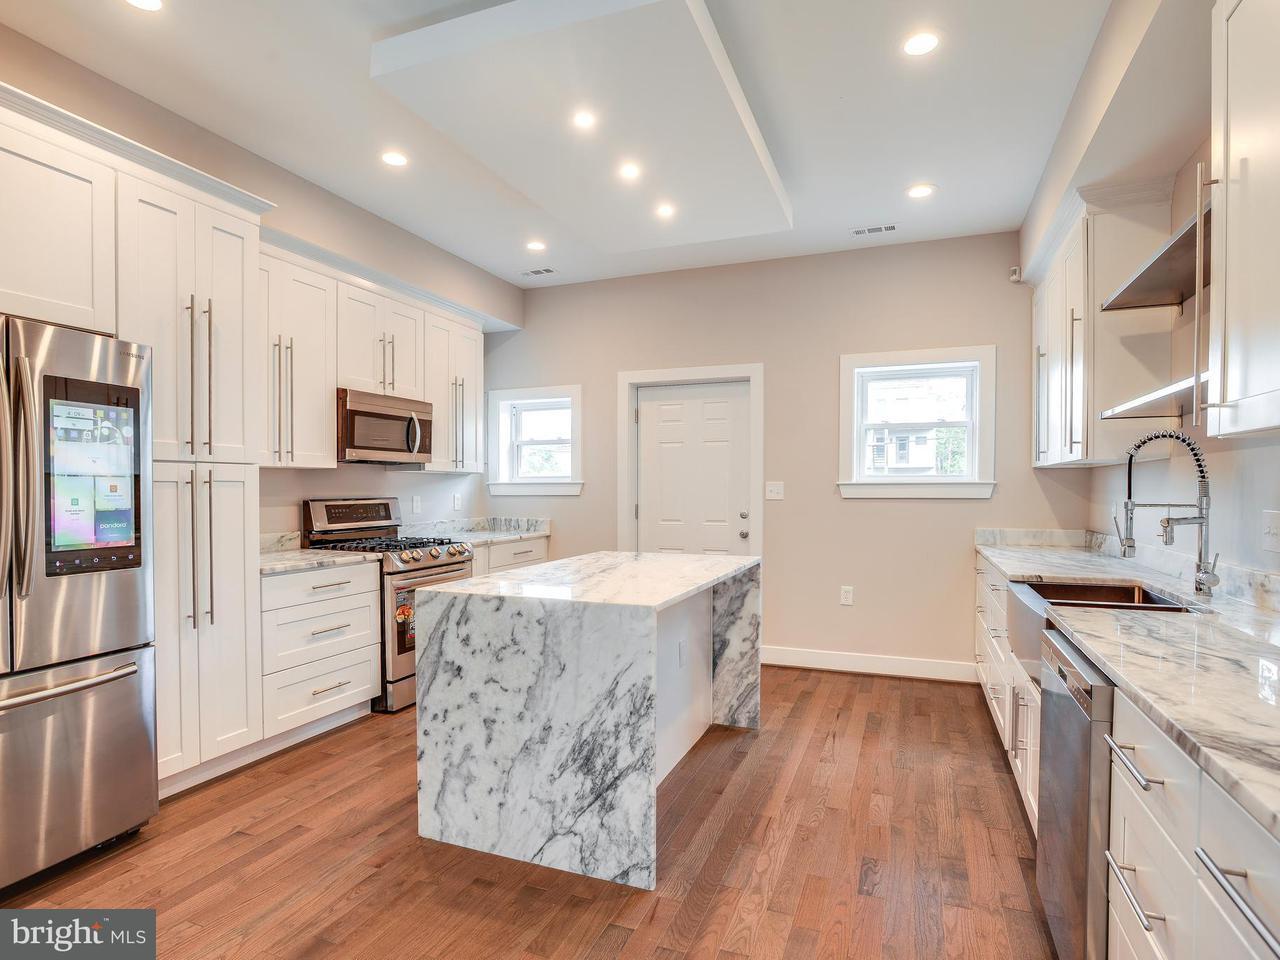 多棟聯建住宅 為 出售 在 1168 NEAL ST NE 1168 NEAL ST NE Washington, 哥倫比亞特區 20002 美國